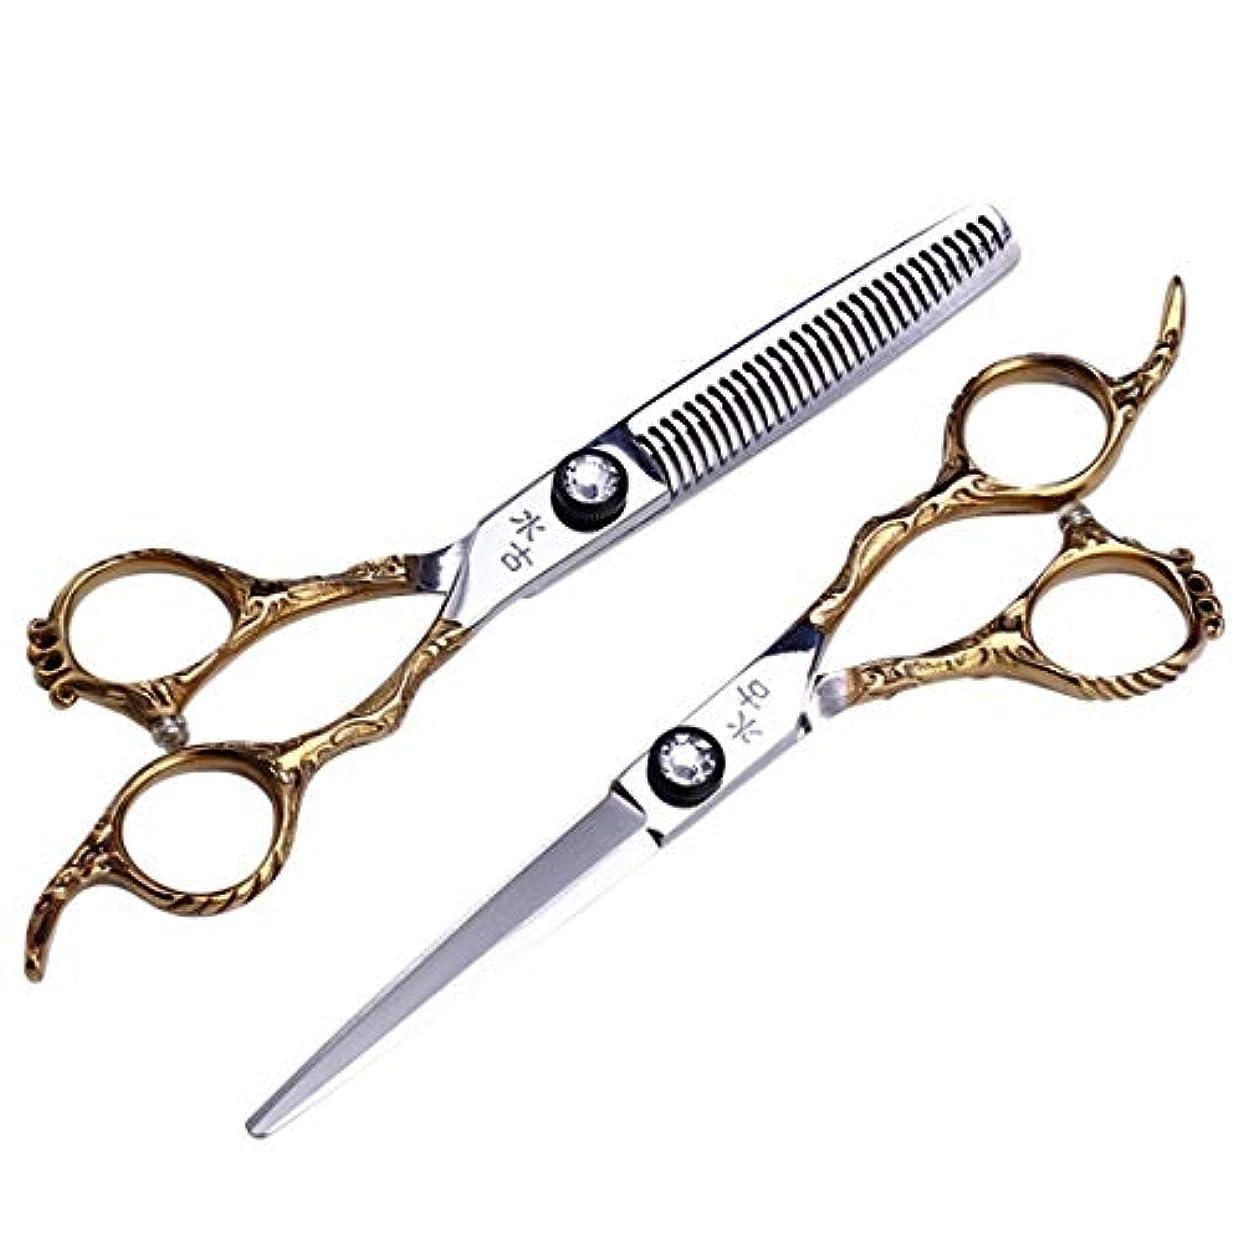 圧倒する有限著作権Jiaoran プロの理髪はさみ、歯はさみ+フラットシャーリングセット6.0インチ理髪サロンツールセット (Color : Gold)